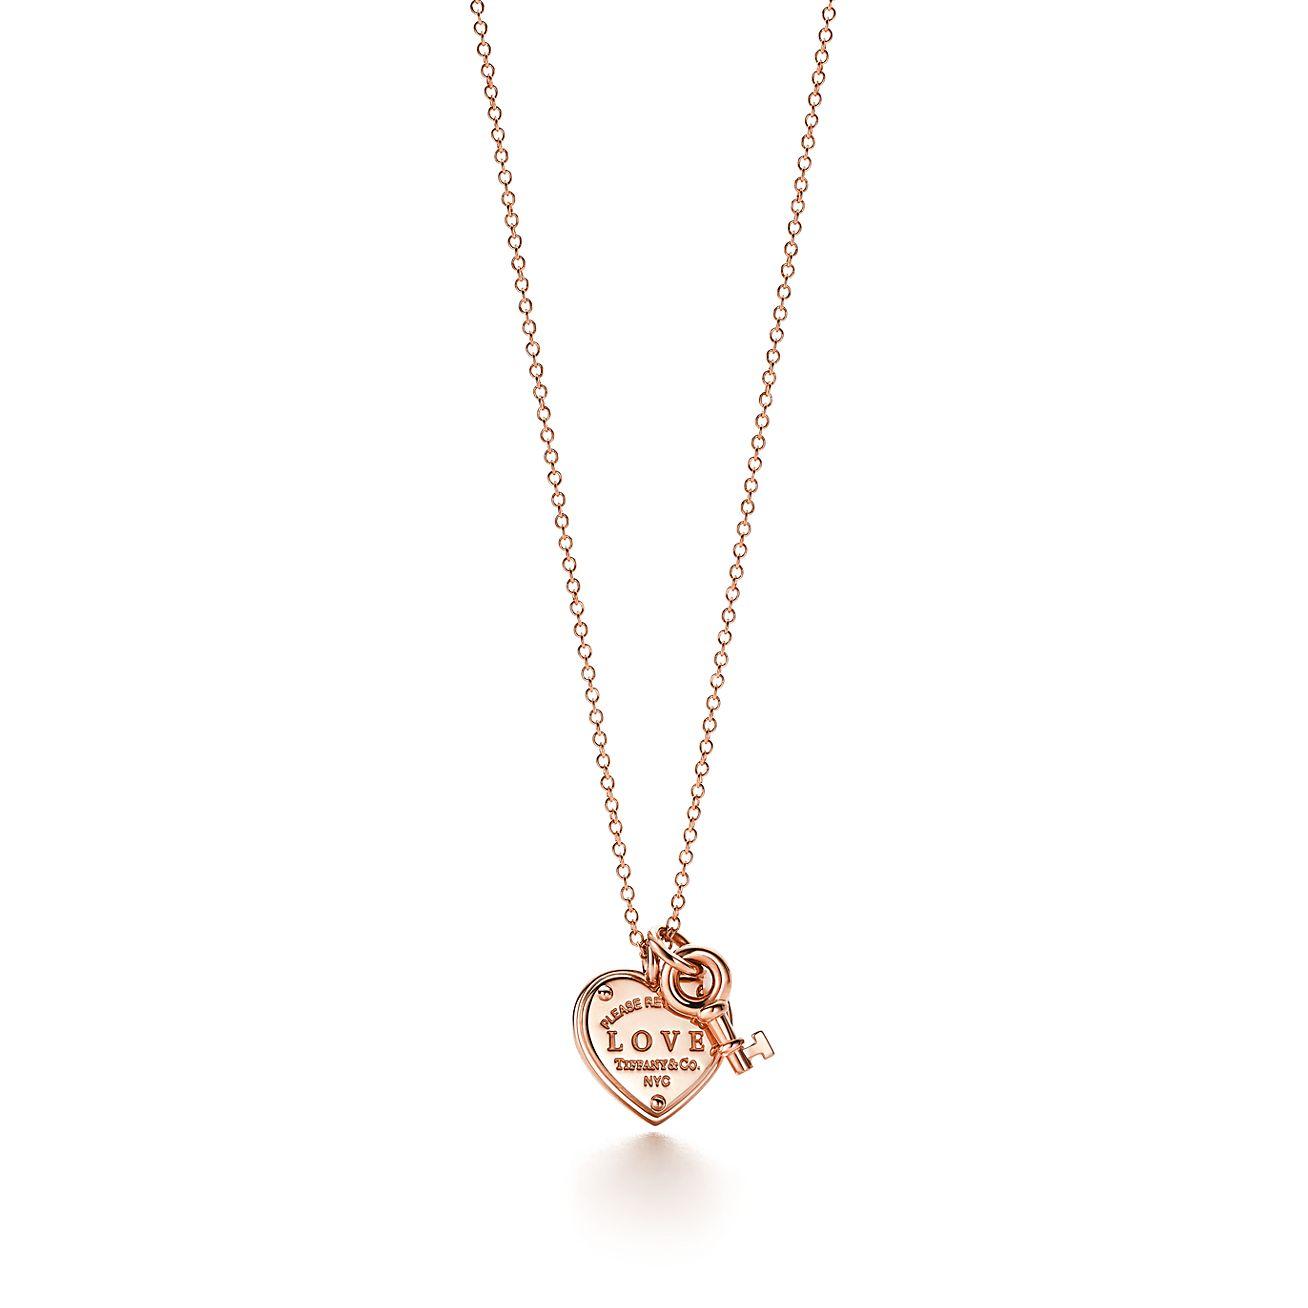 Clés Tiffany Pendentif Coeur Est-ouest En Or Rose 18 Carats, Tiffany & Co.